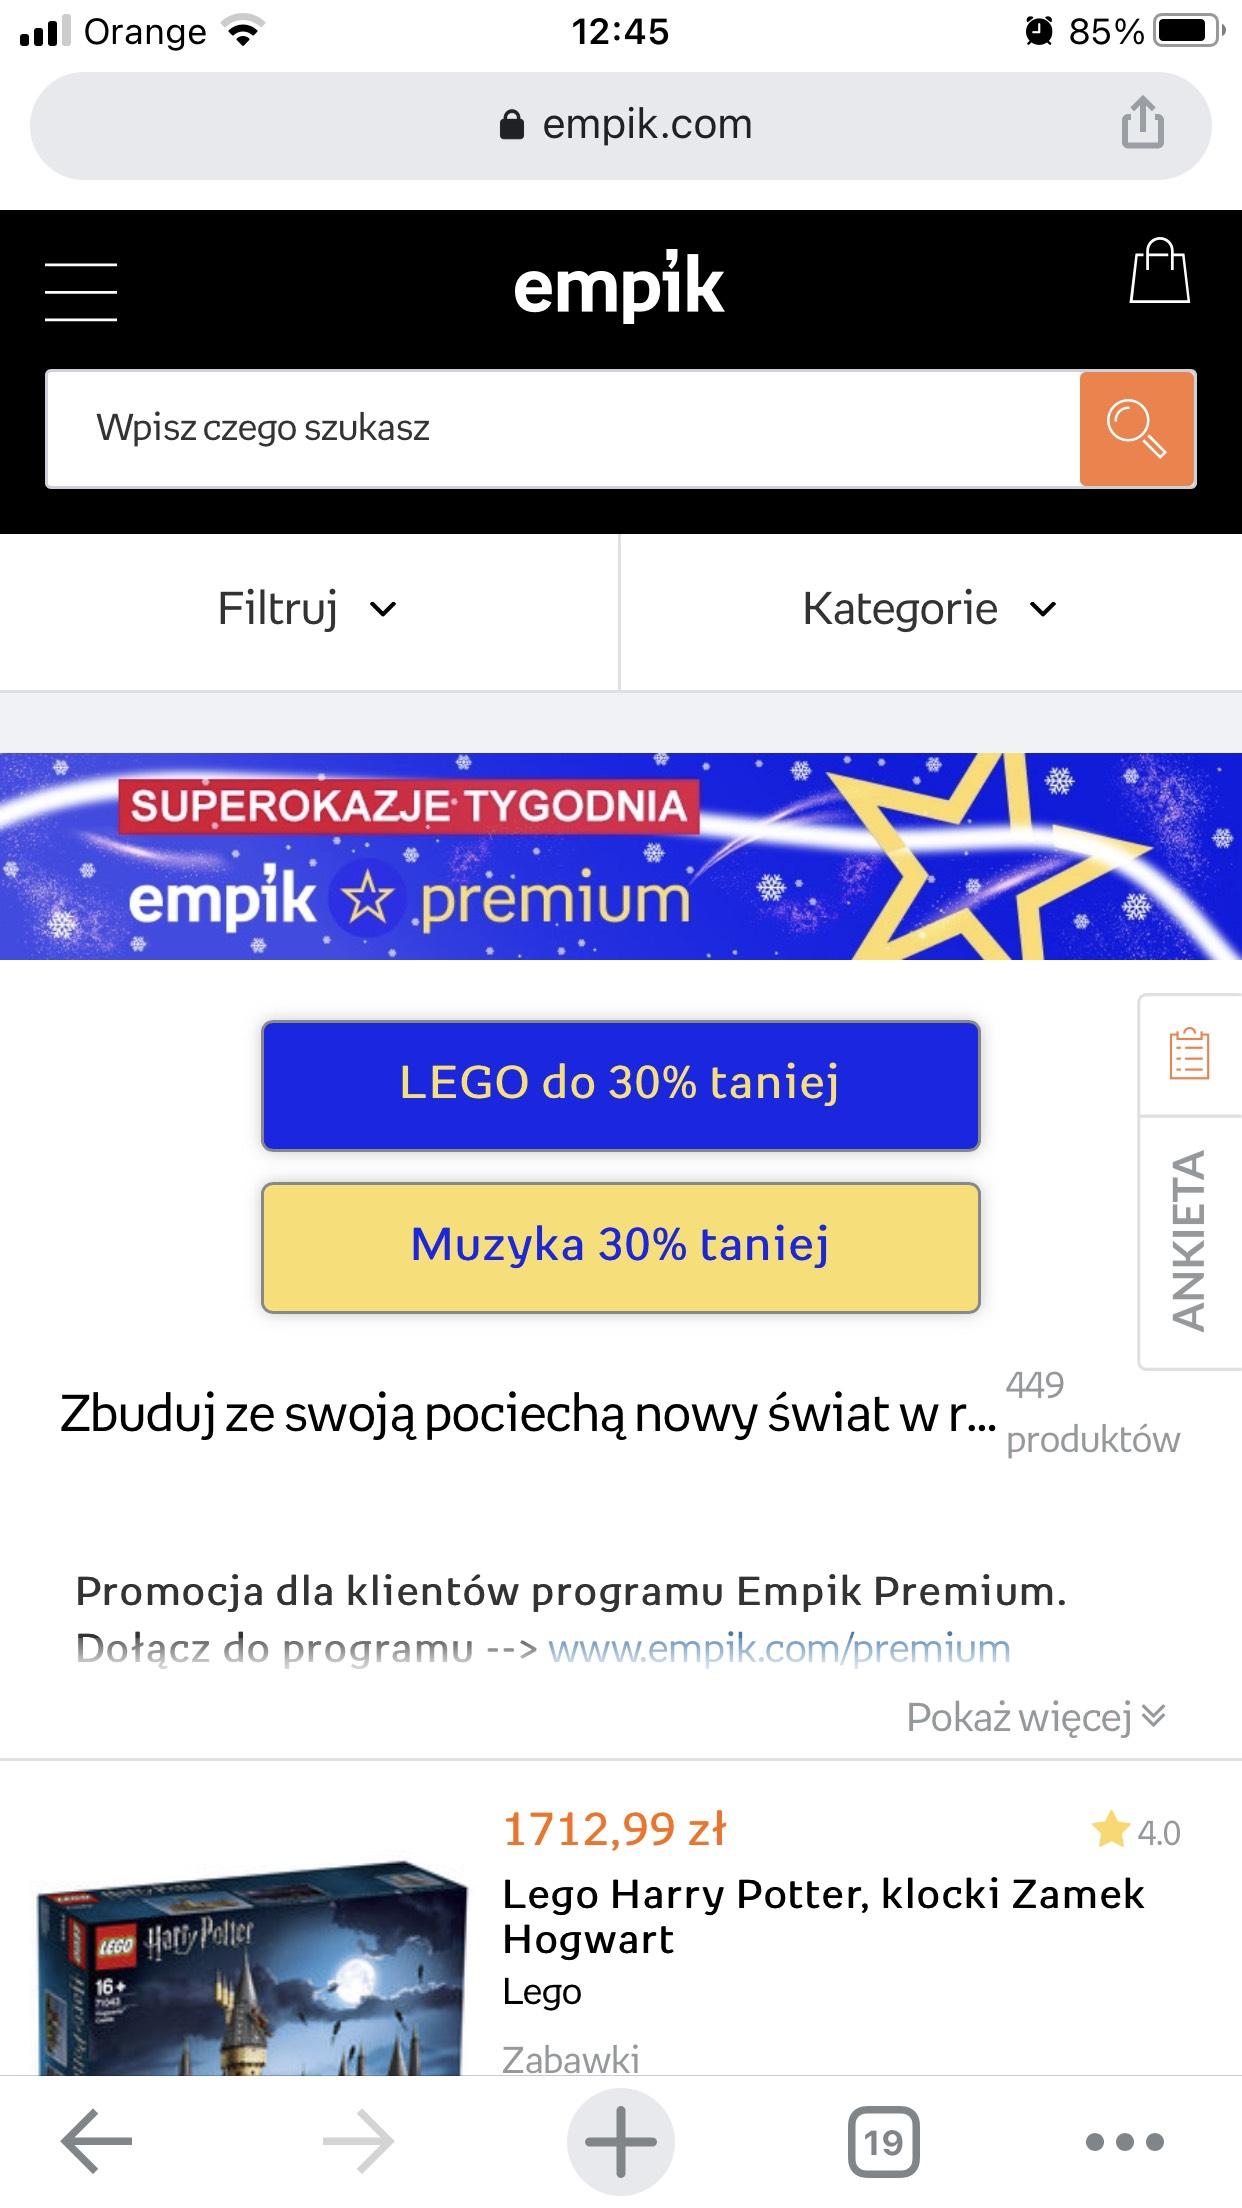 Empik Premium -30% na lego i muzukę